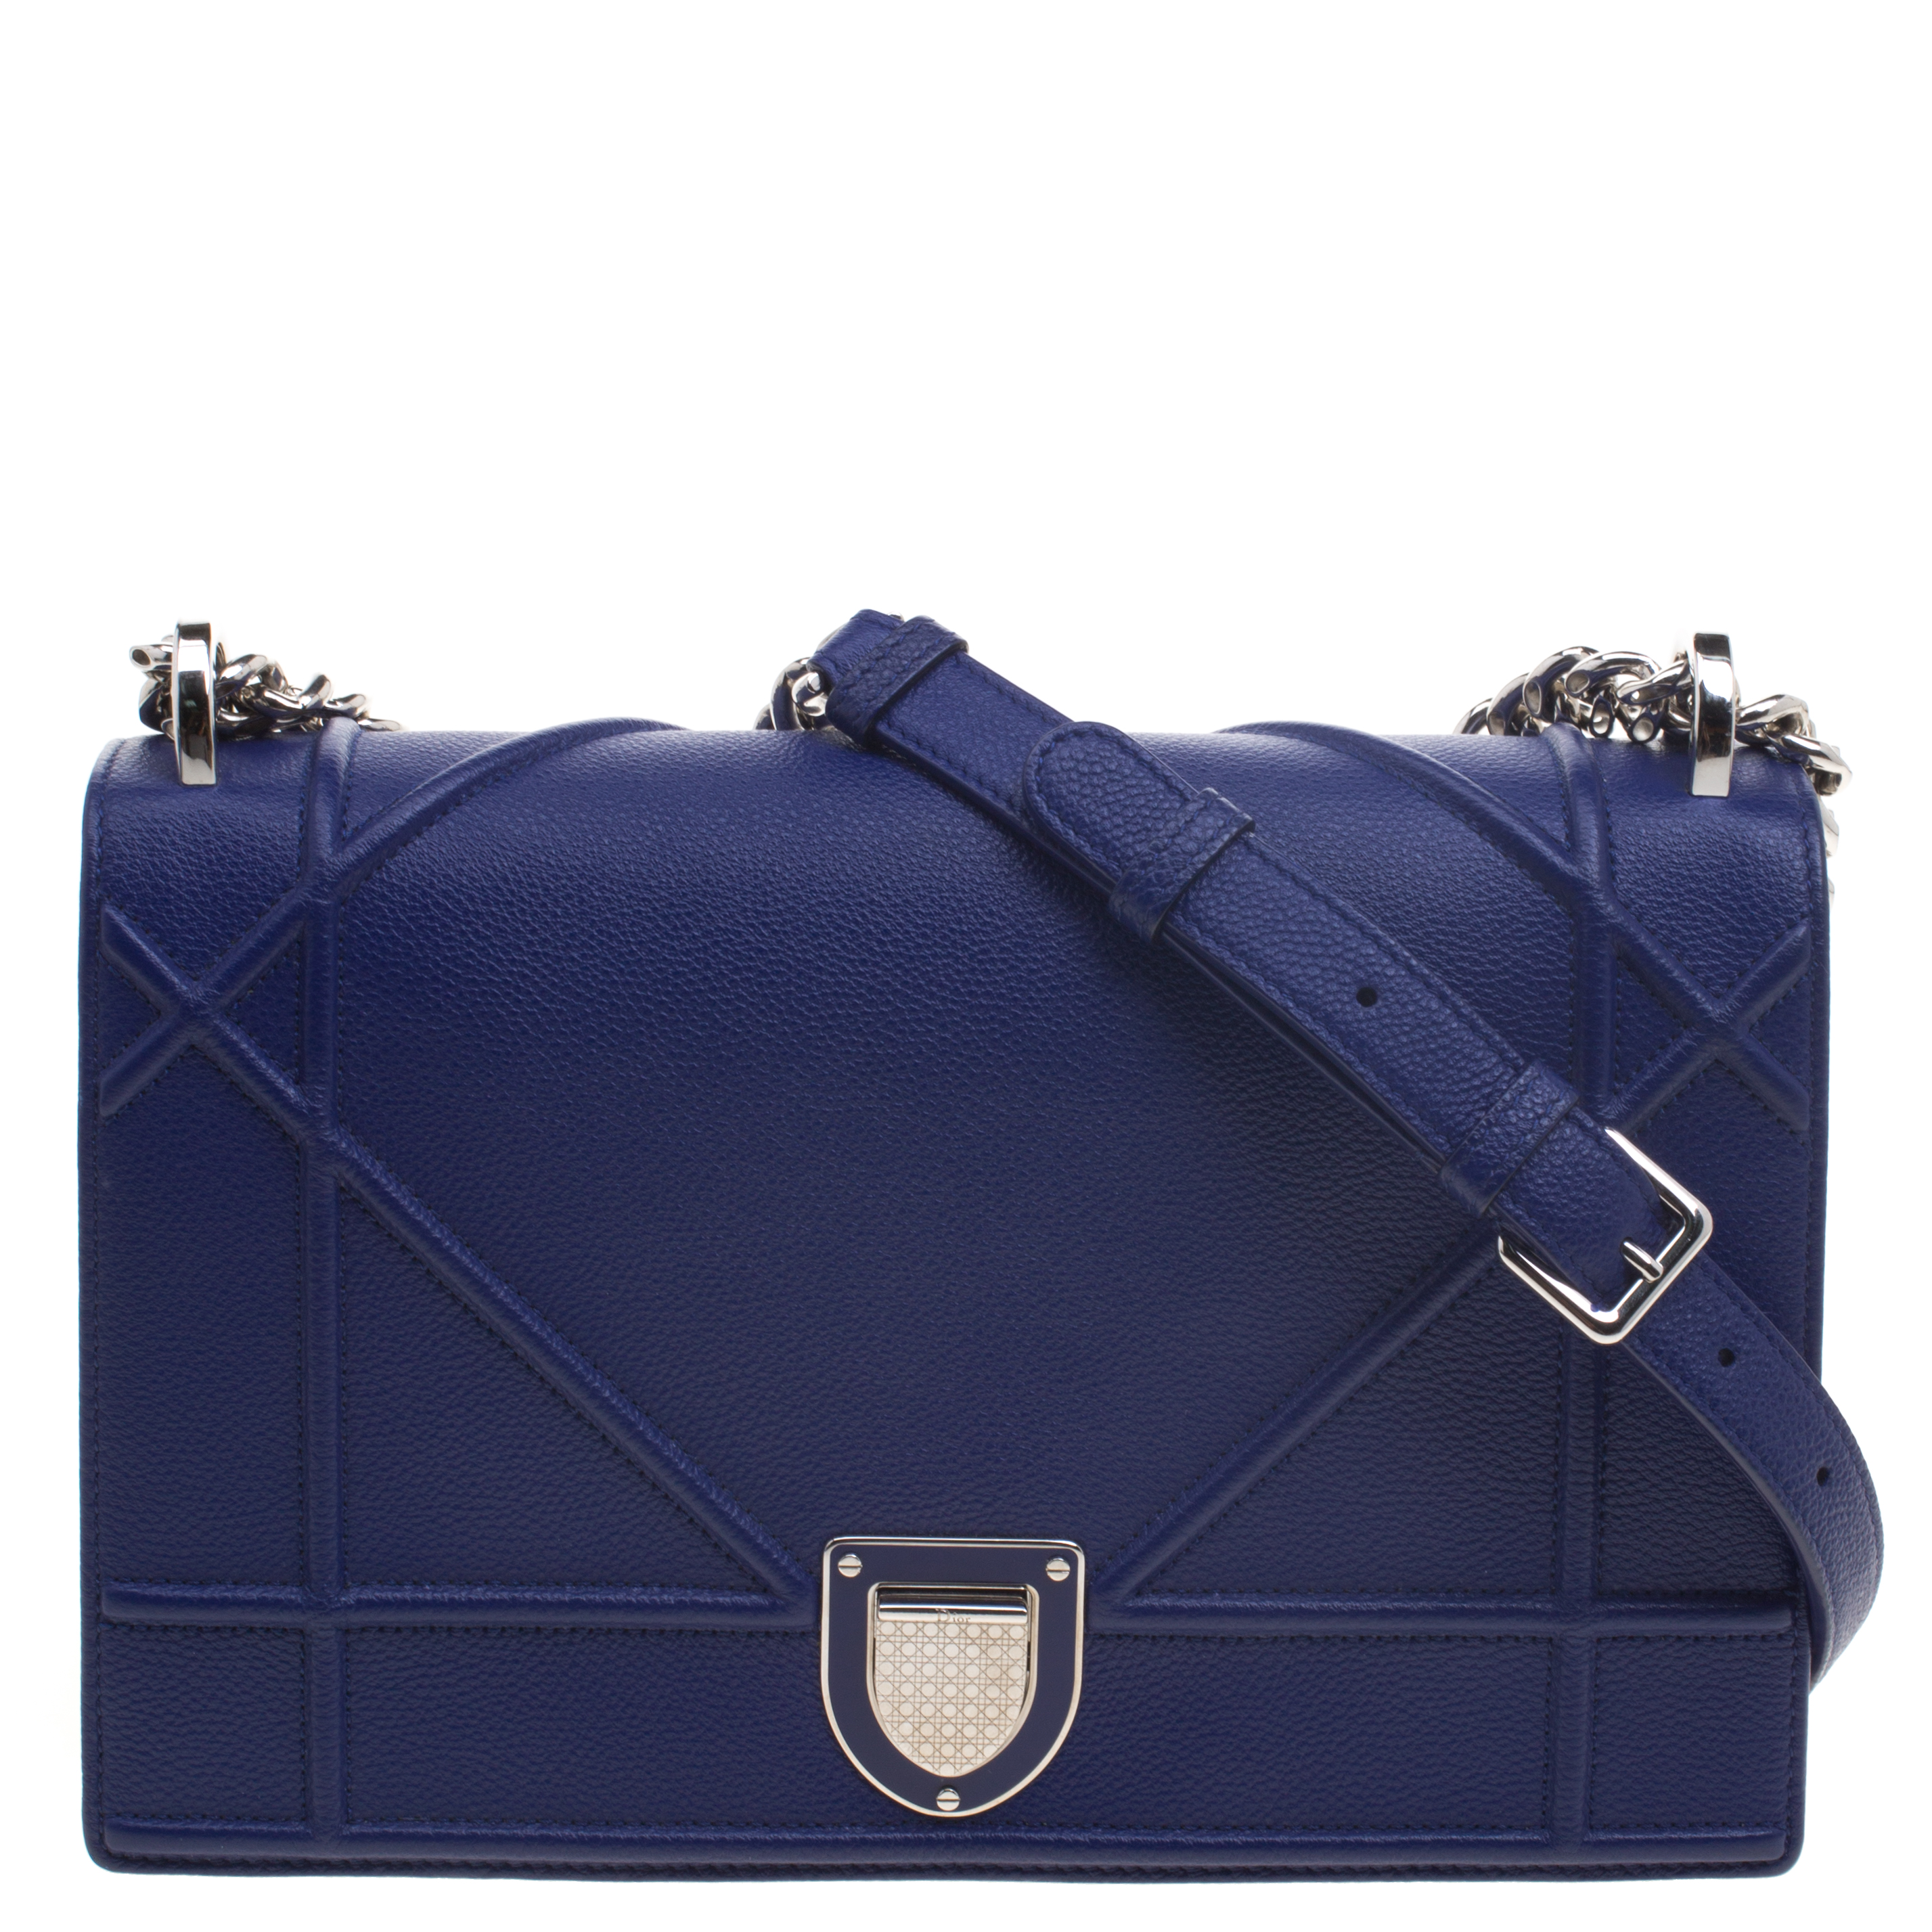 86f99d4e0f01 ... Dior Blue Leather Medium Diorama Shoulder Bag. nextprev. prevnext